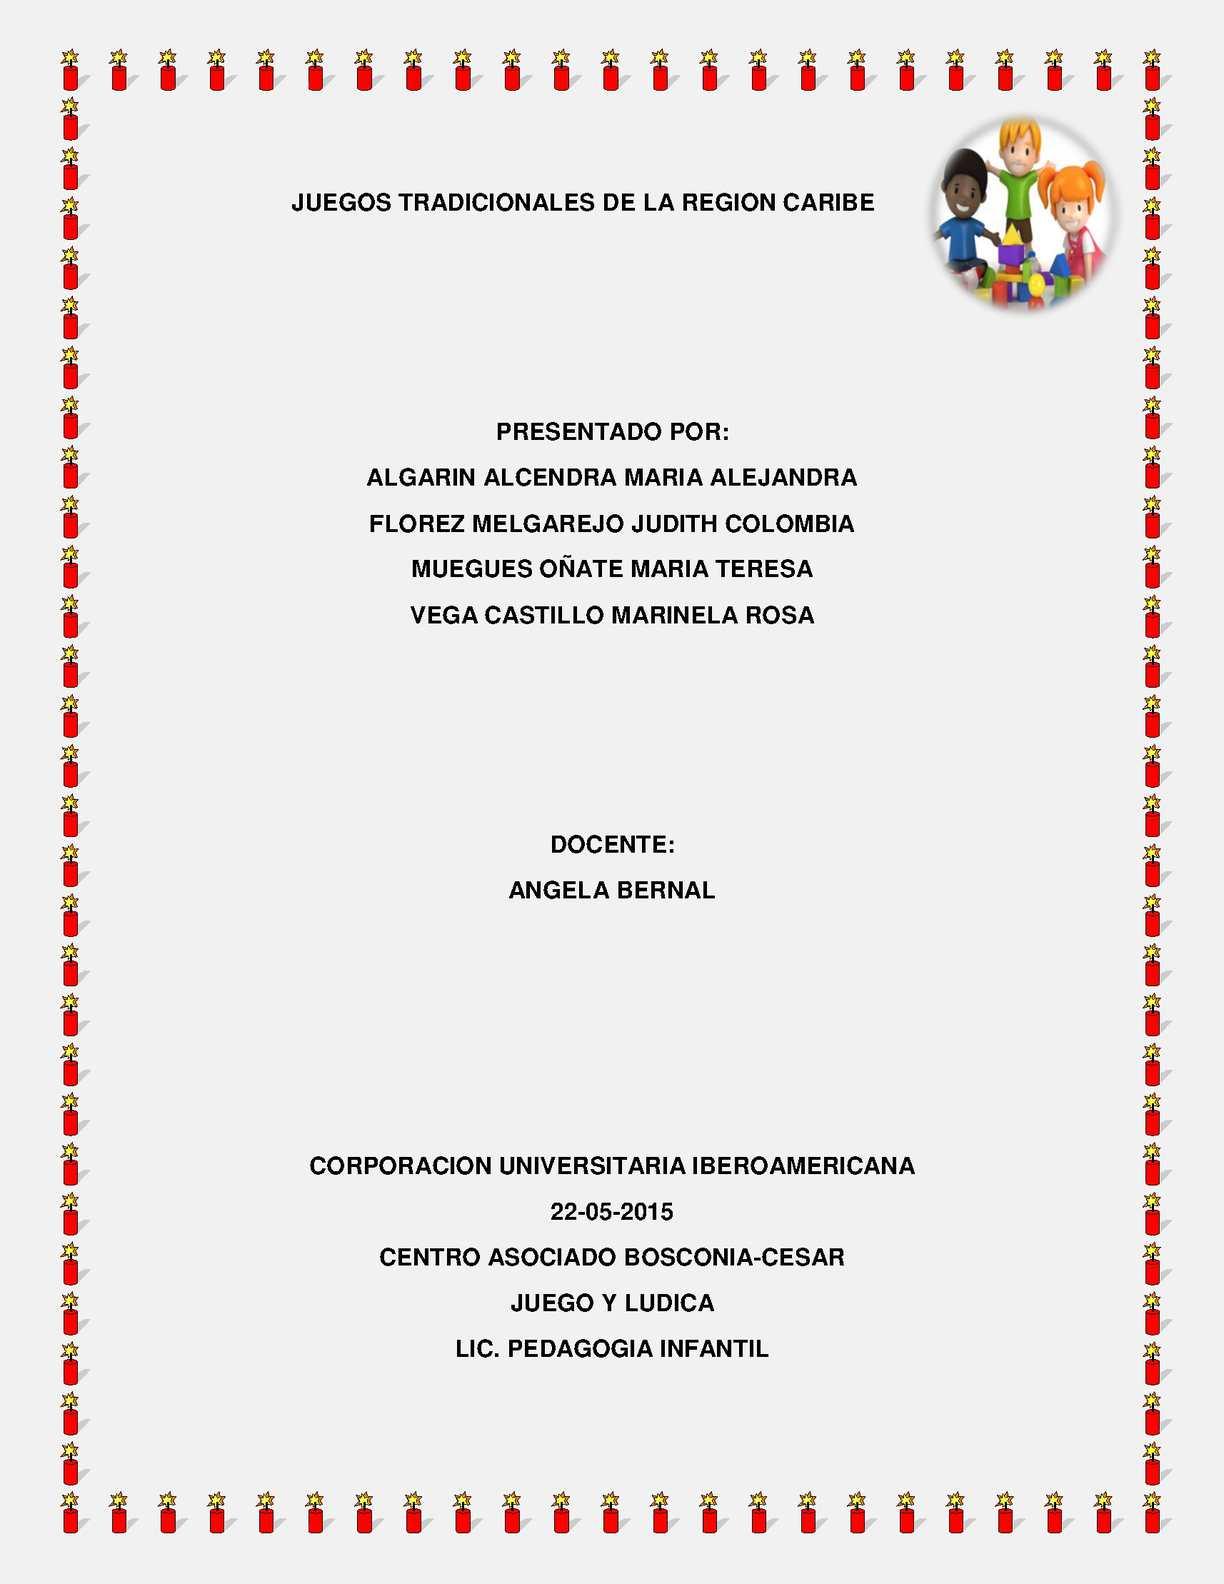 Calameo Juegos Tradicionales De La Region Caribe